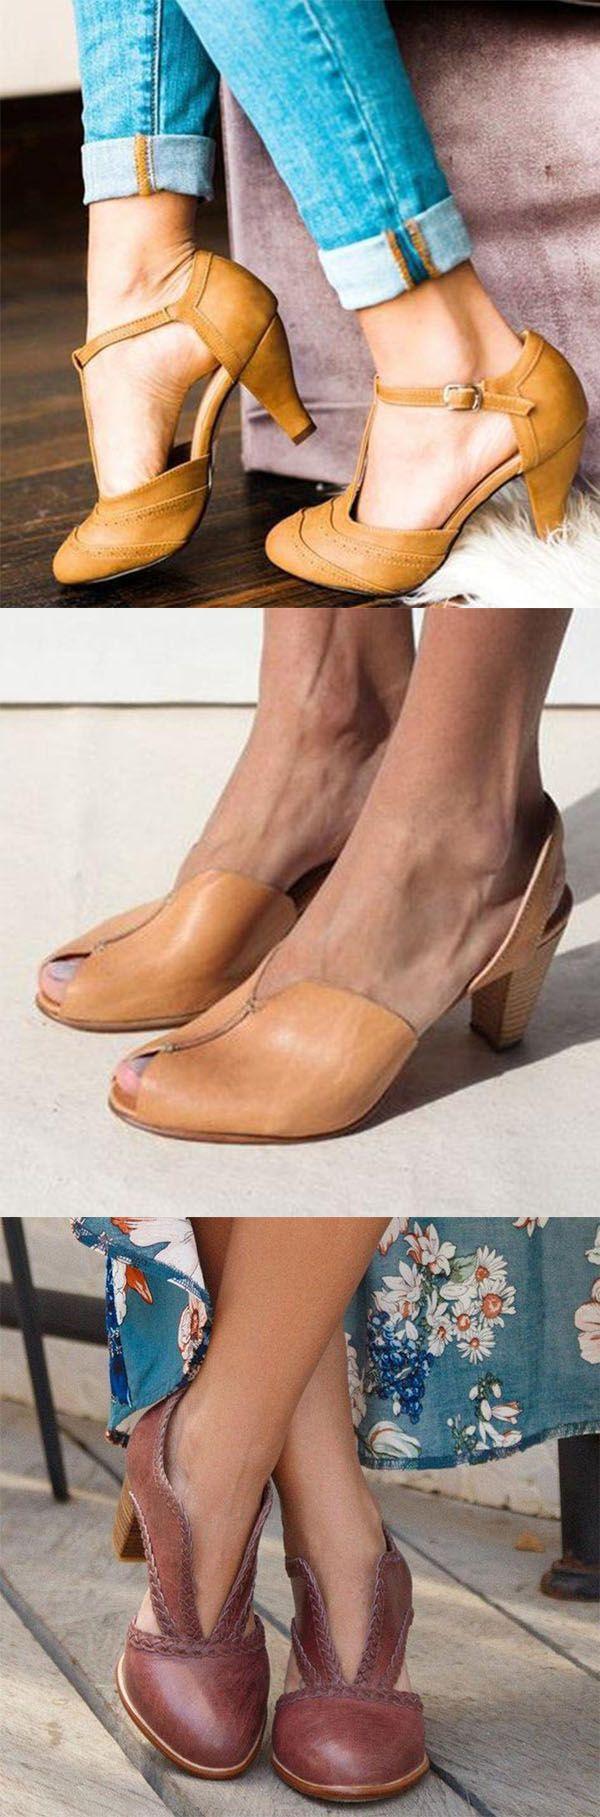 Flach Rund Damen Schuhe Loafers Süß Komfort Halbschuhe Chic Volant